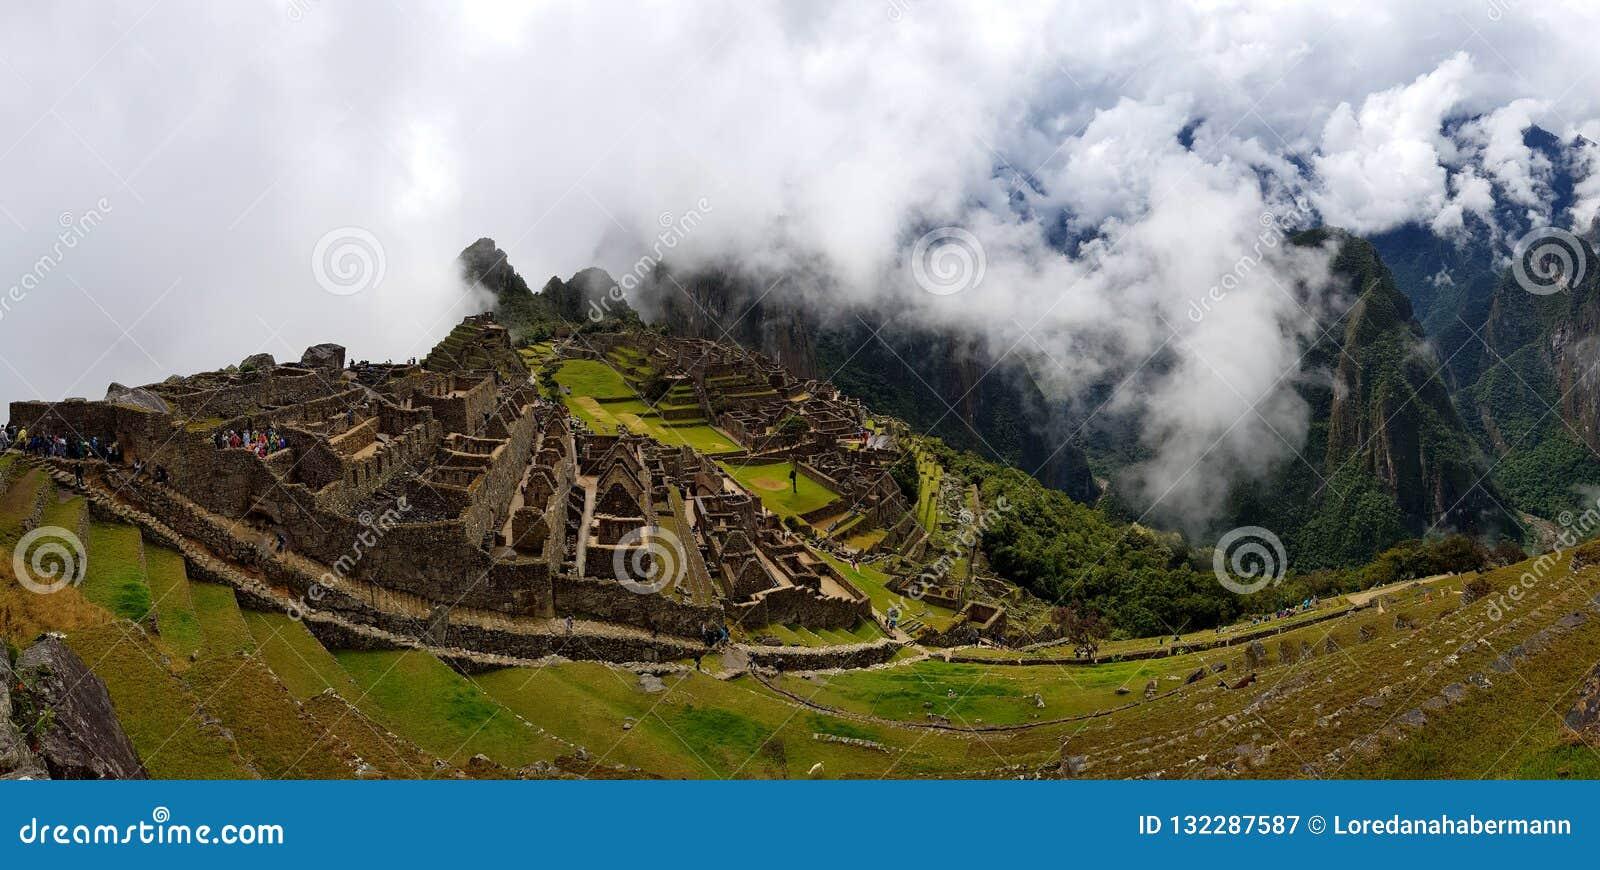 Machu Picchu, Incnca ruins in the Peruvian Andes